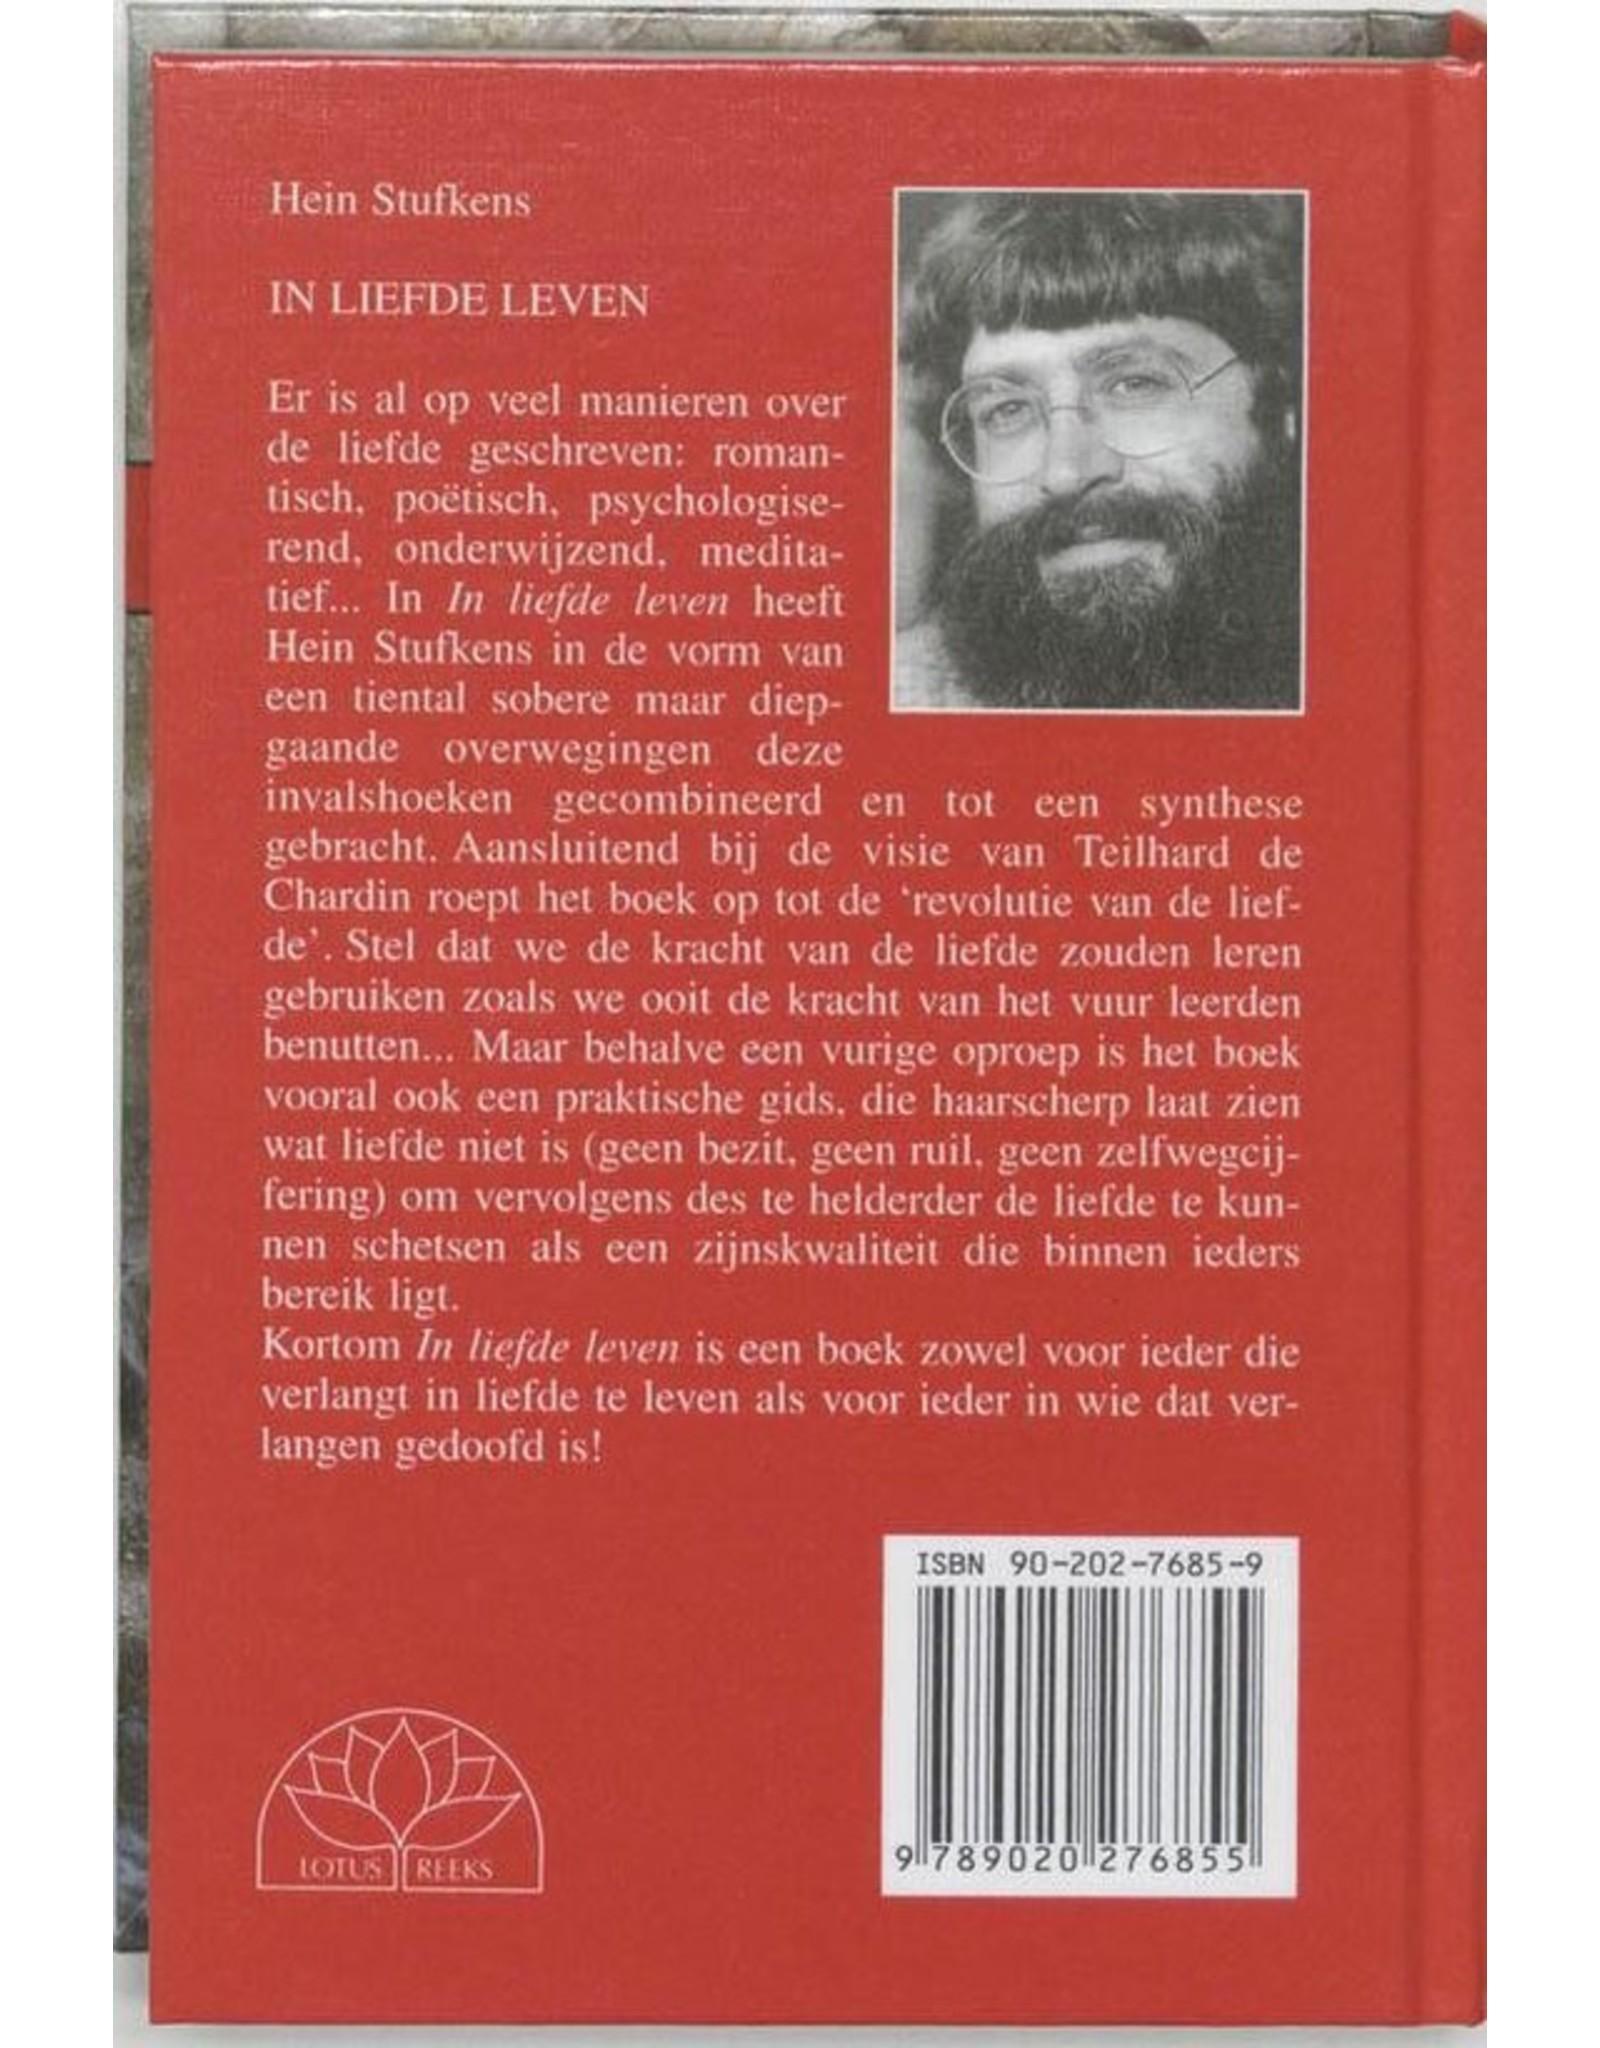 In liefde leven boek